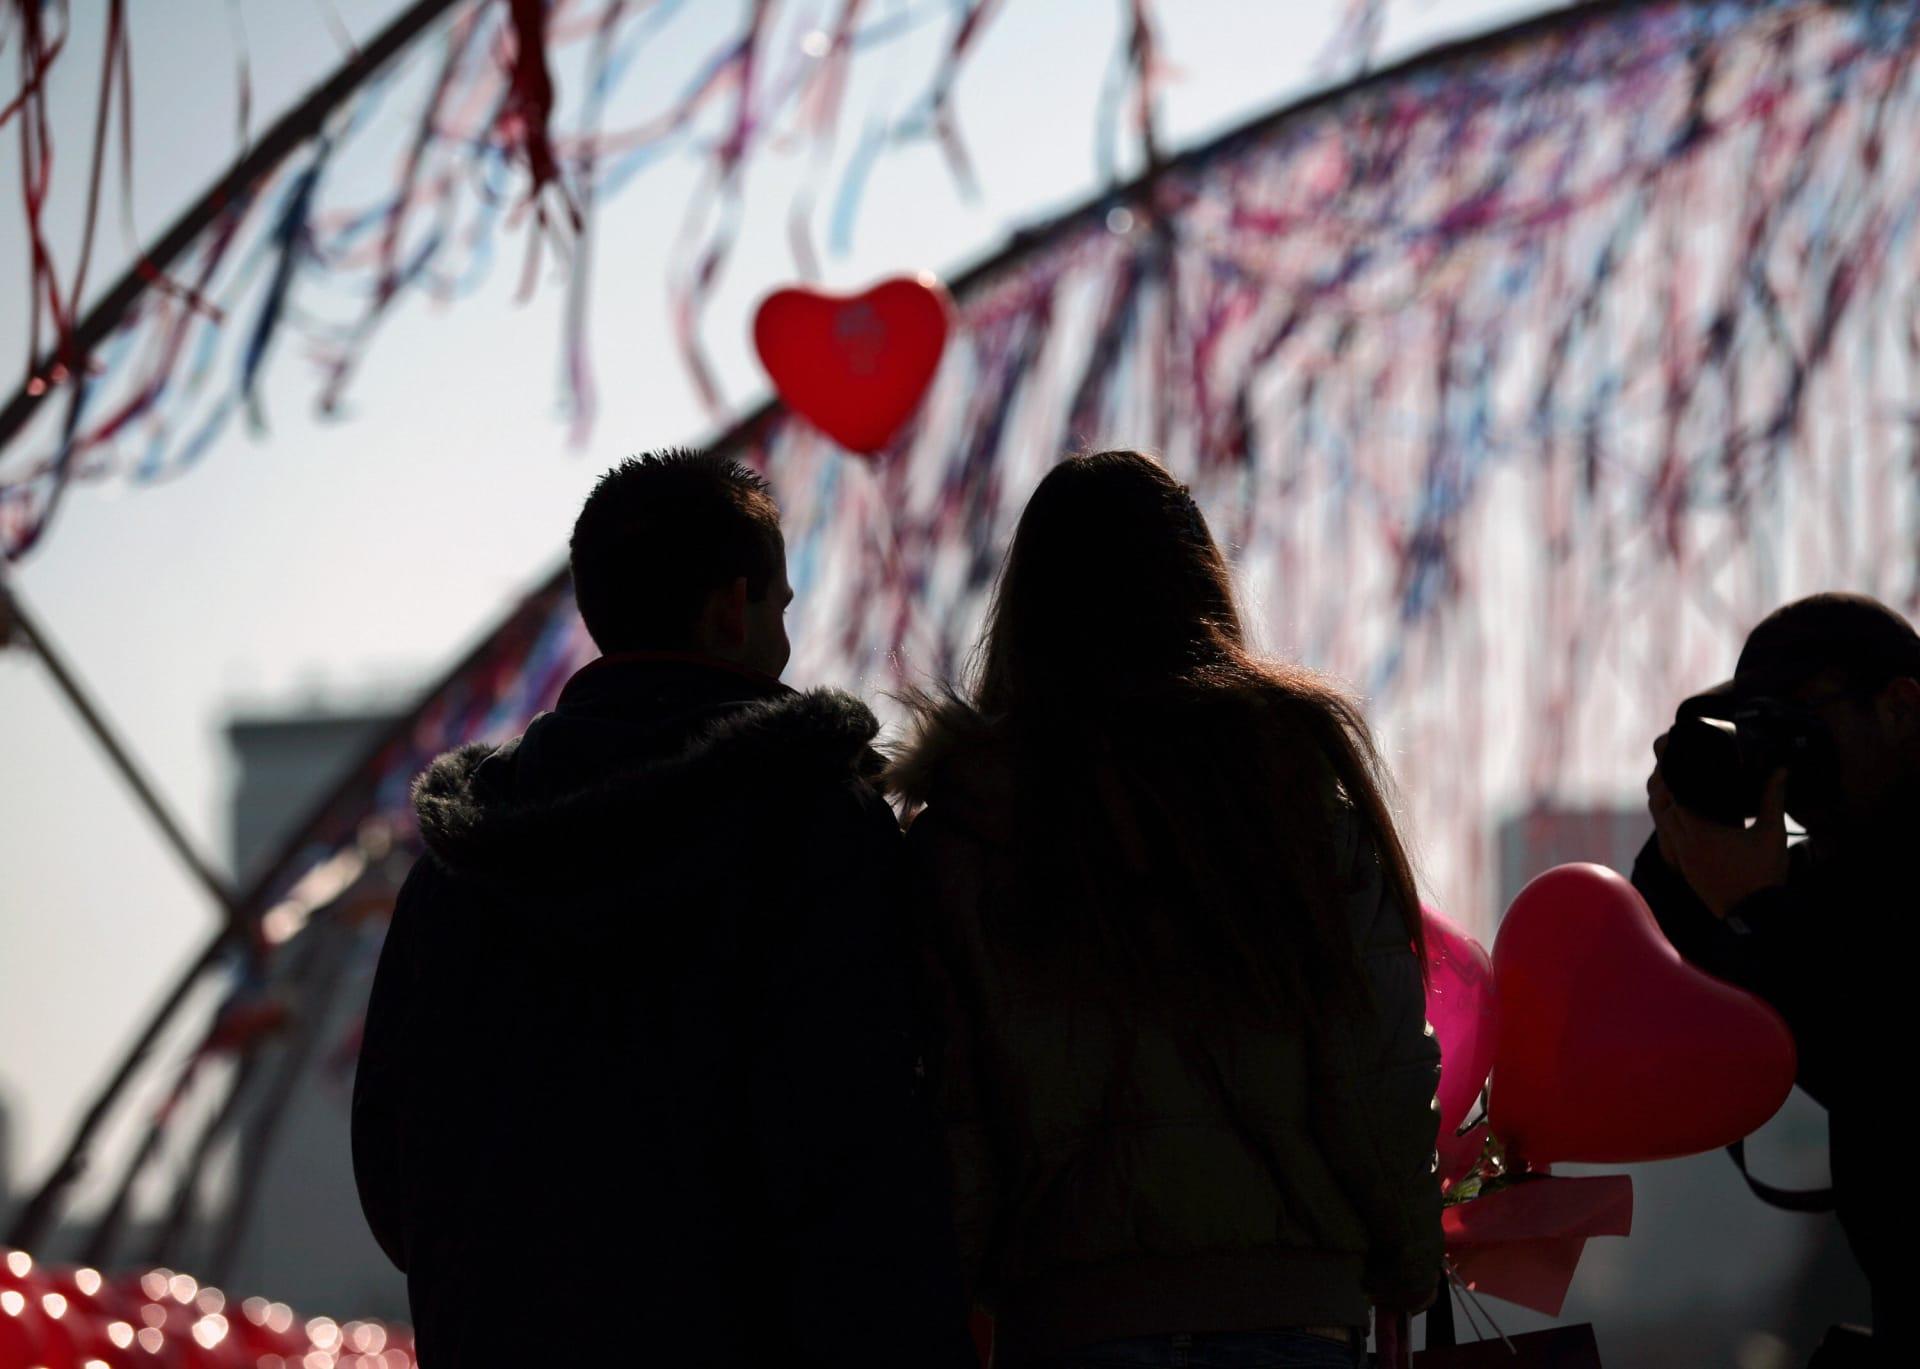 """مطعم تونسي """"يؤجر حبيبة"""" بعيد الحب يثير جدلاً عبر وسائل التواصل"""